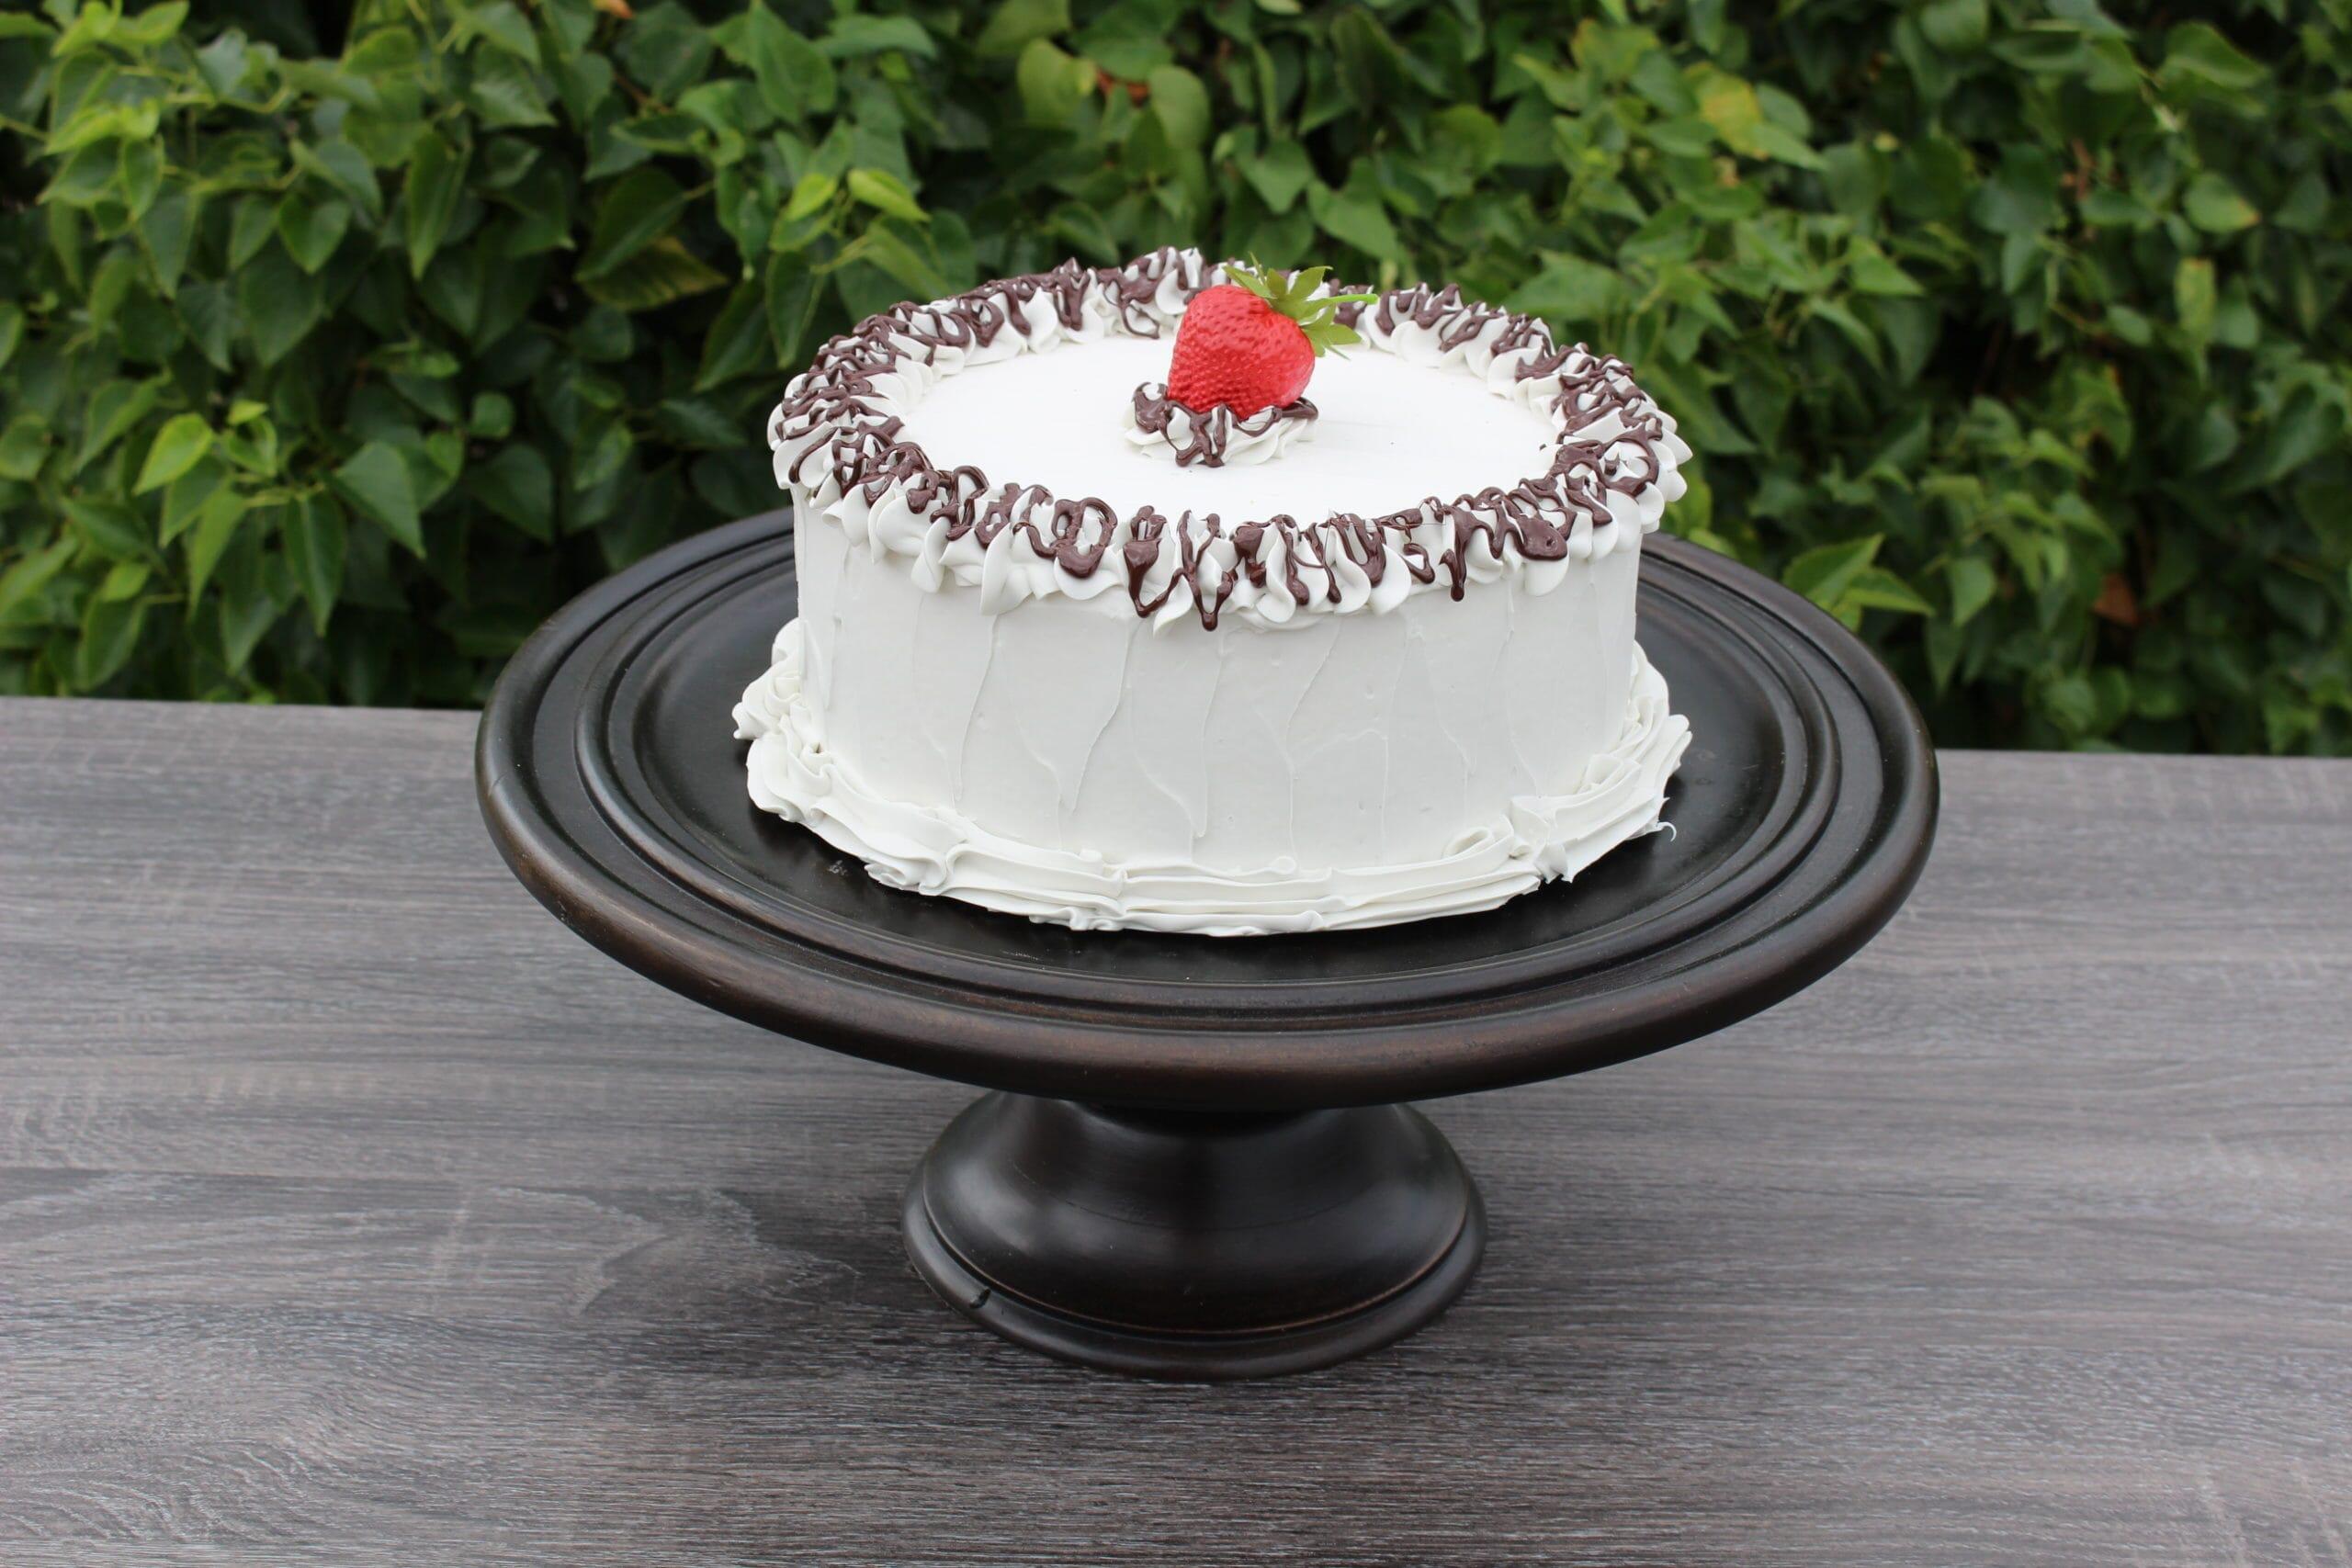 Fake Large Vanilla Frosted Cake